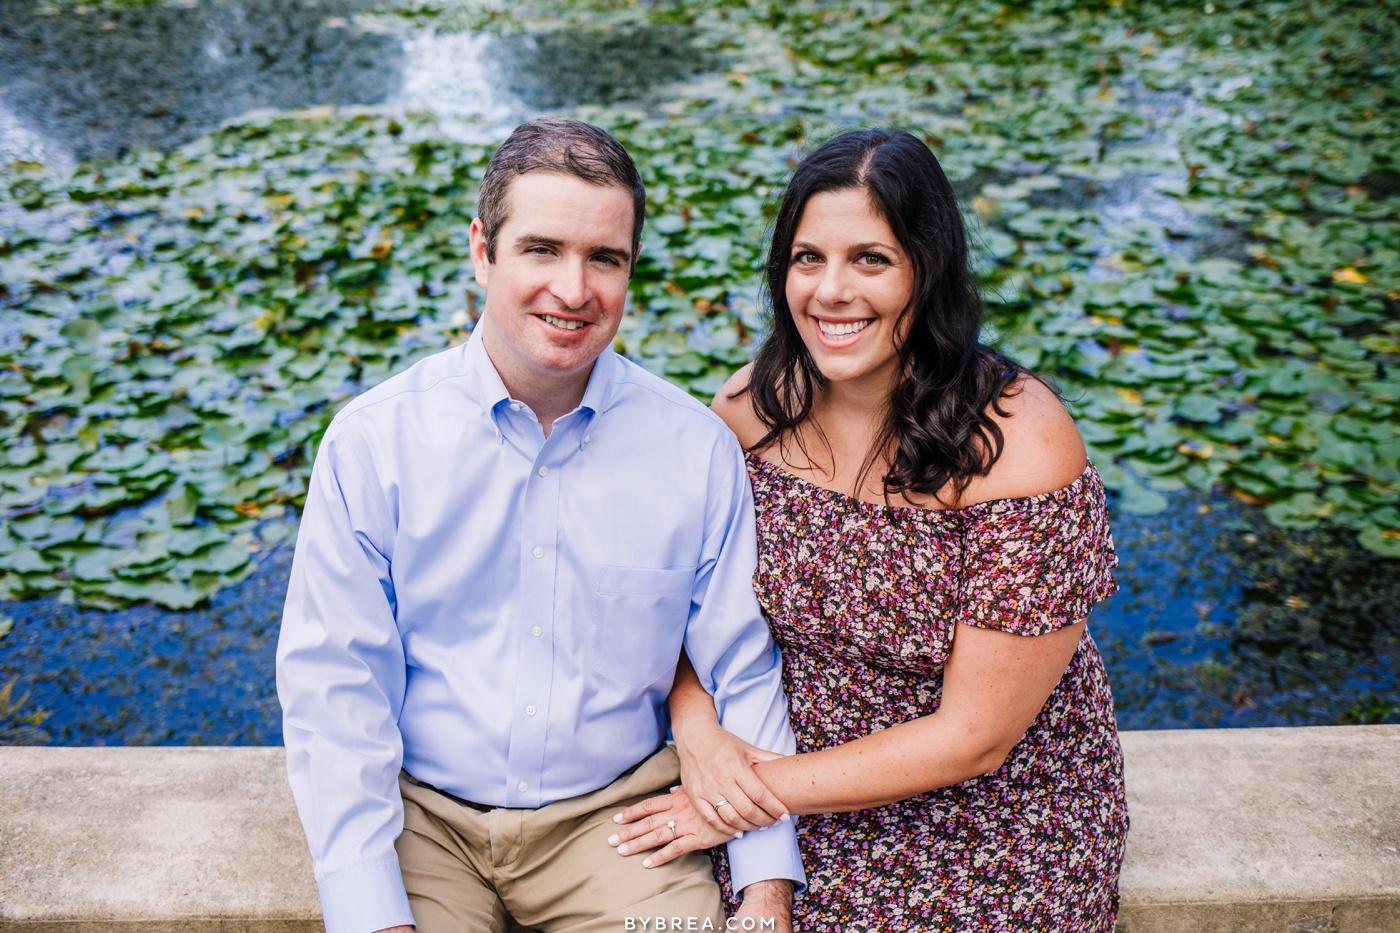 Patterson Park engagement photos near the pond